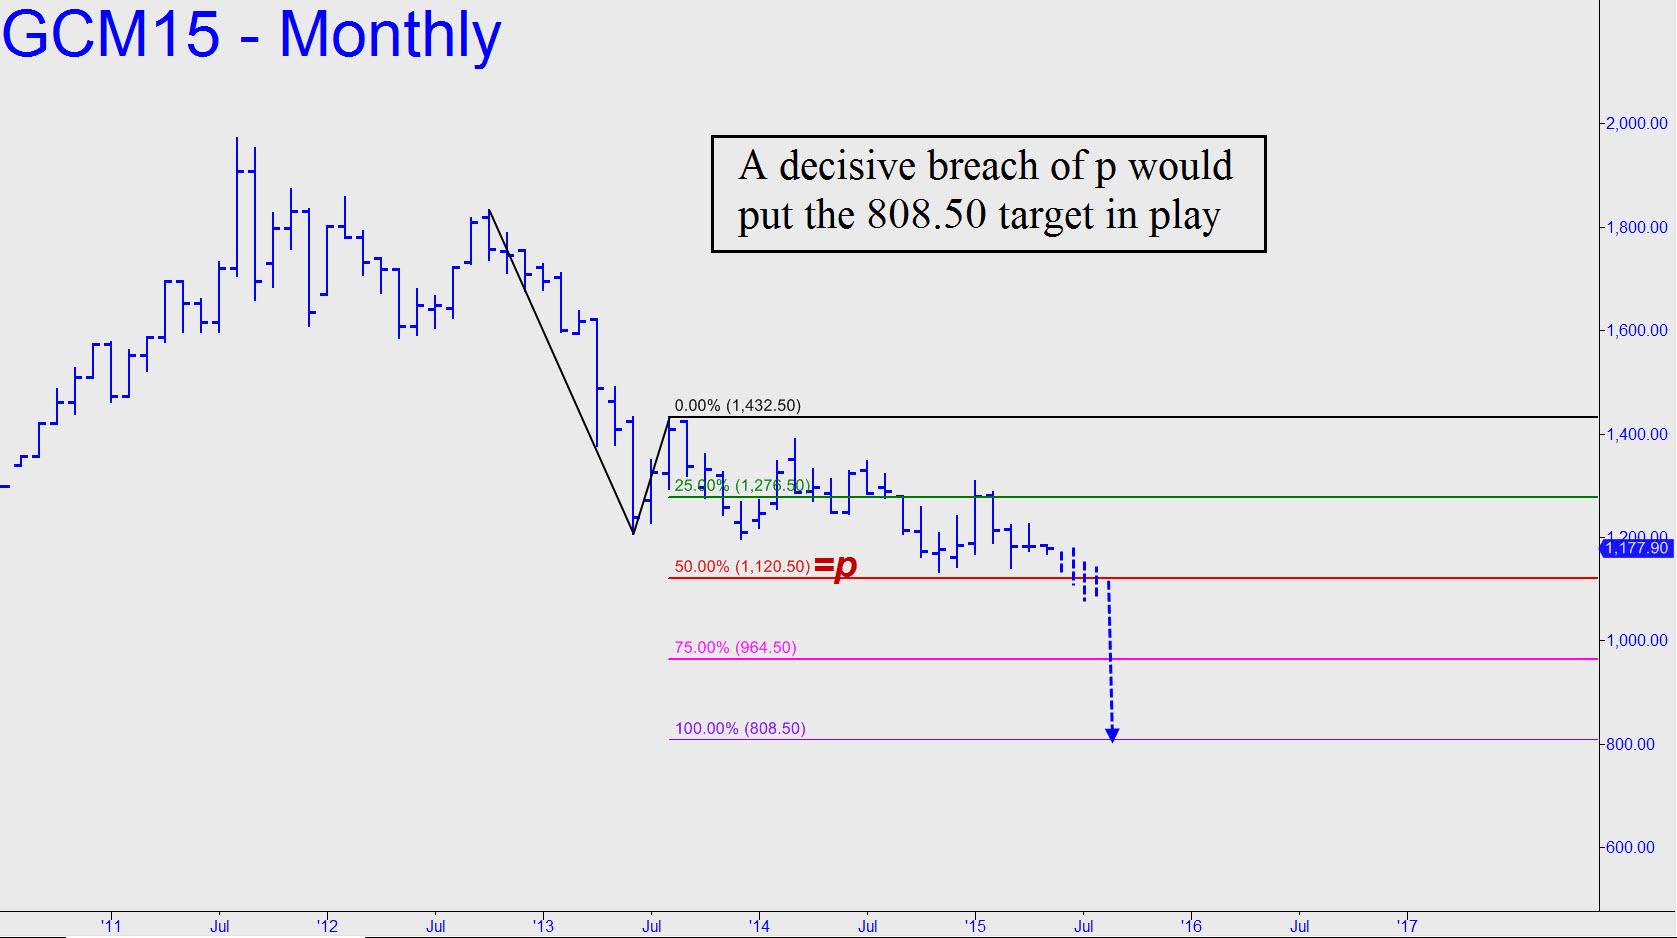 prix de l'or, de l'argent et des minières / suivi 2015 et ultérieurement - Page 3 Golds-decisive-breach-would